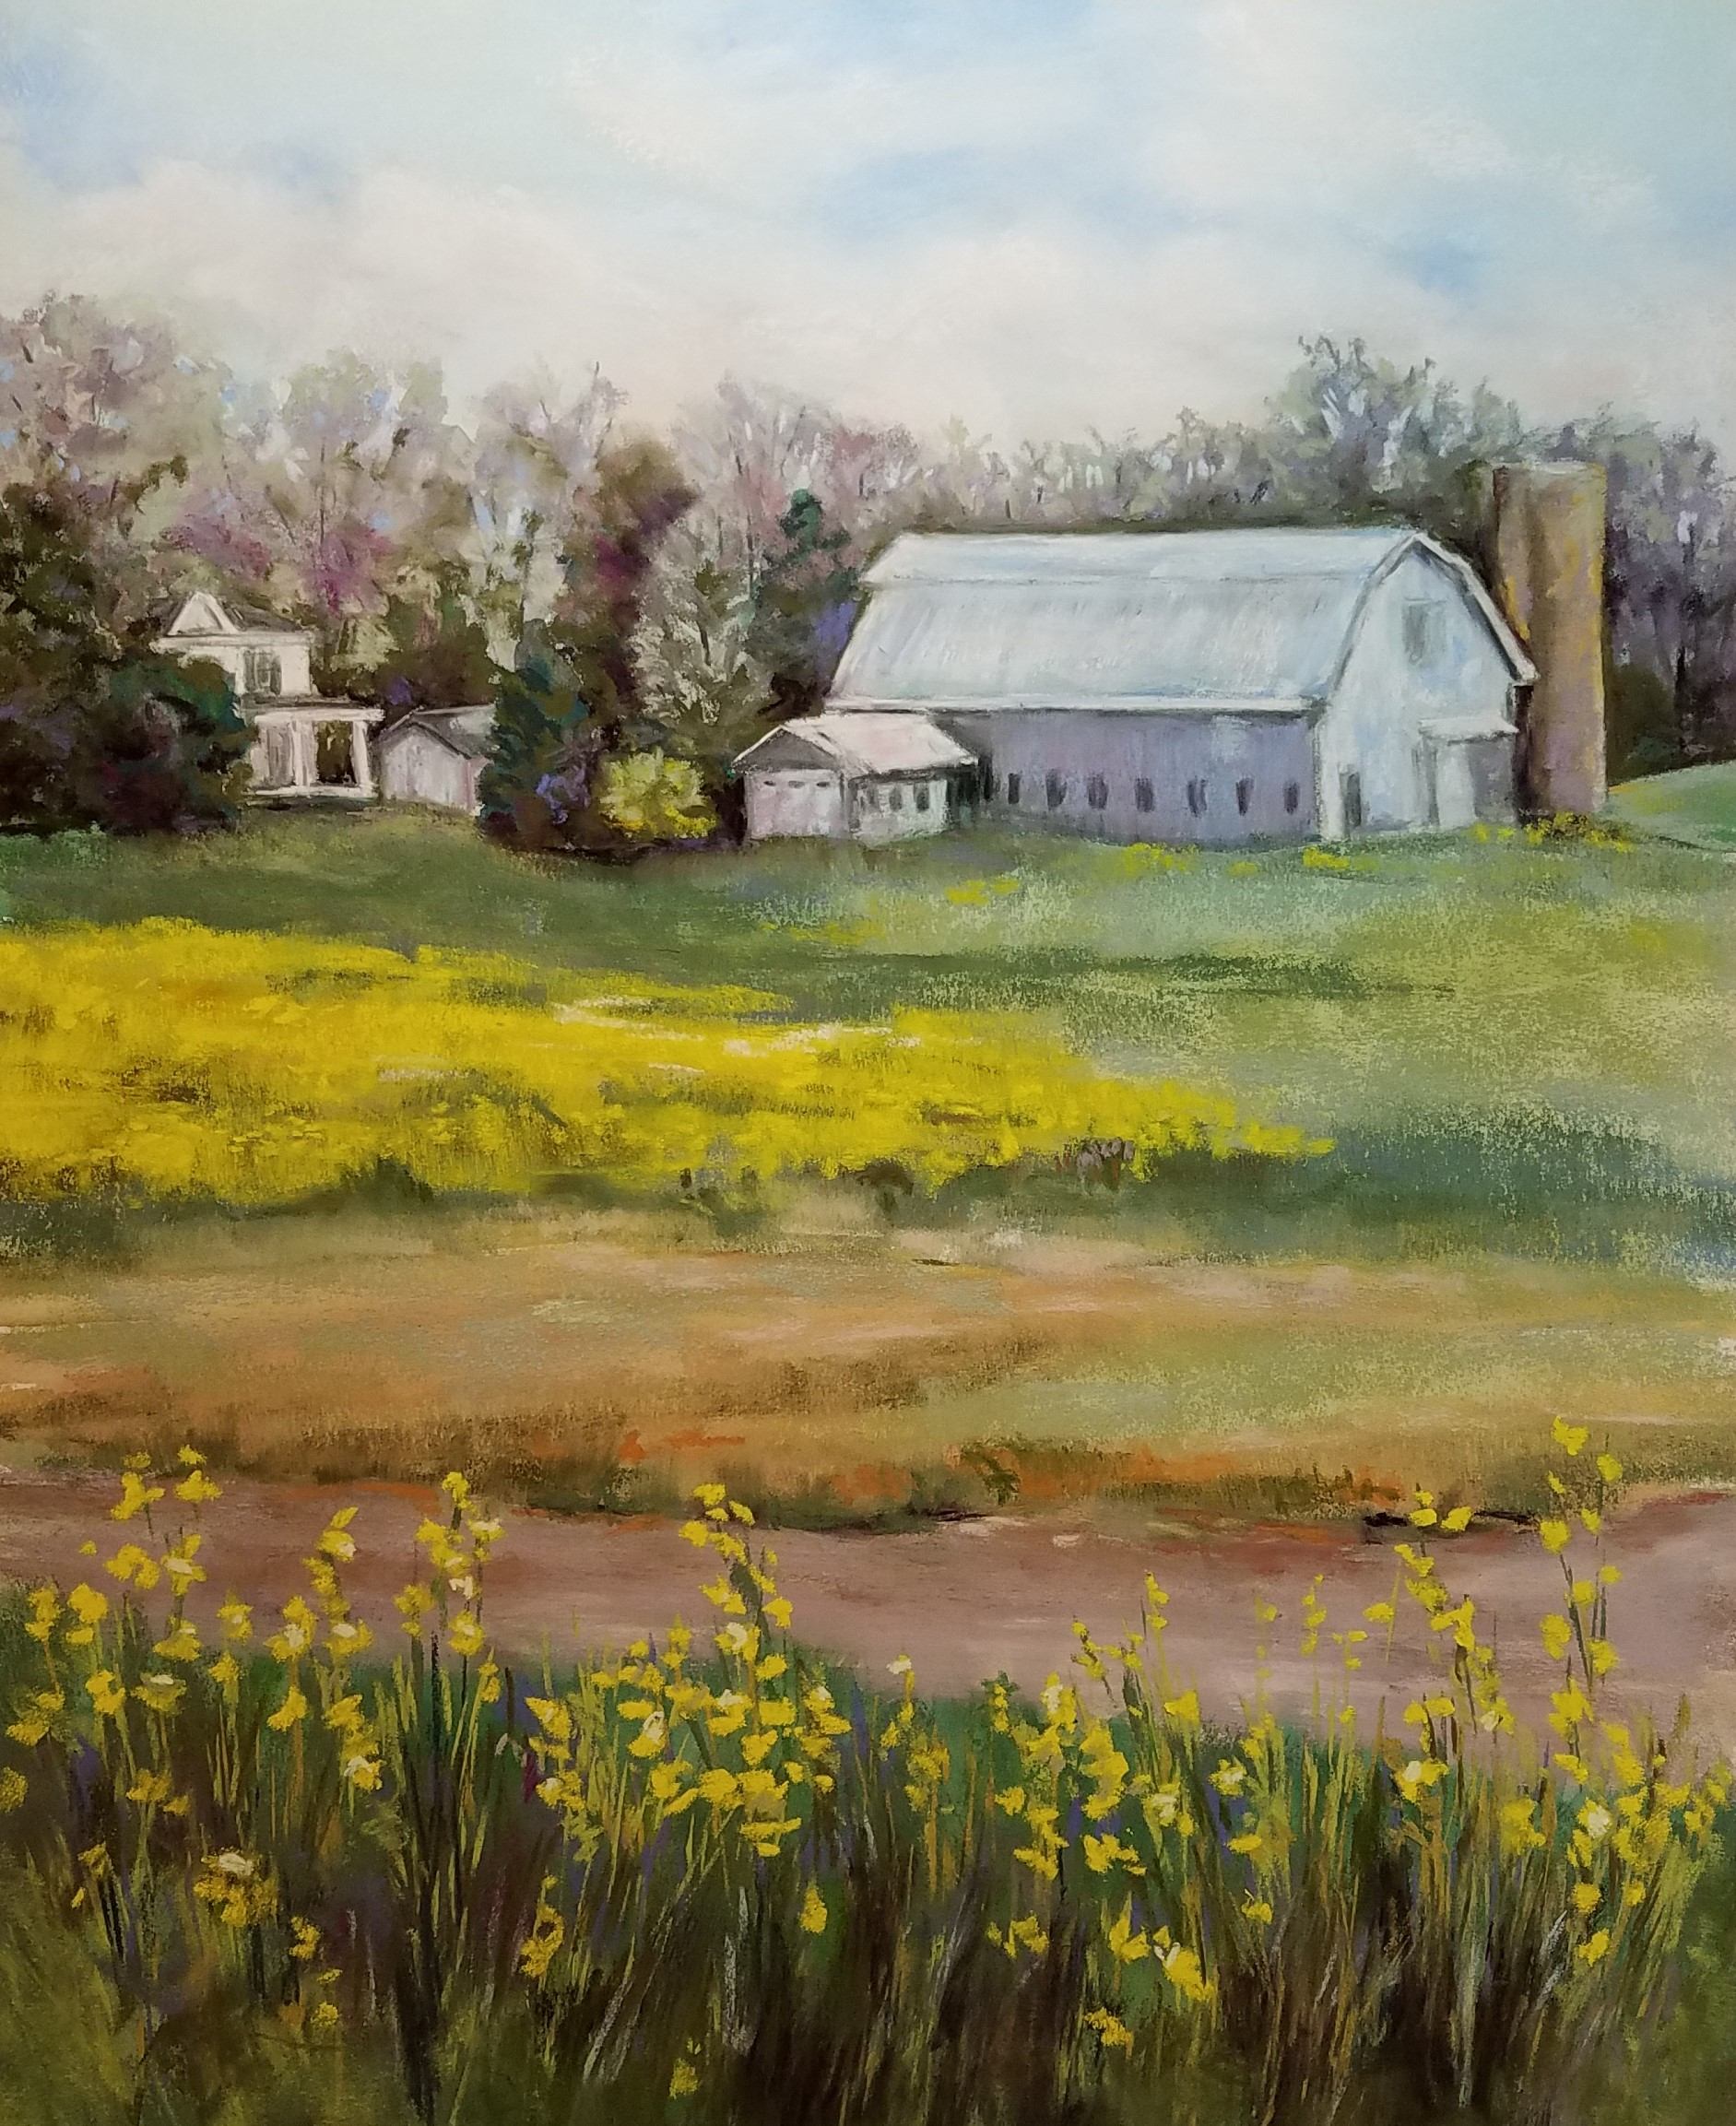 K Willingham, Family Farm